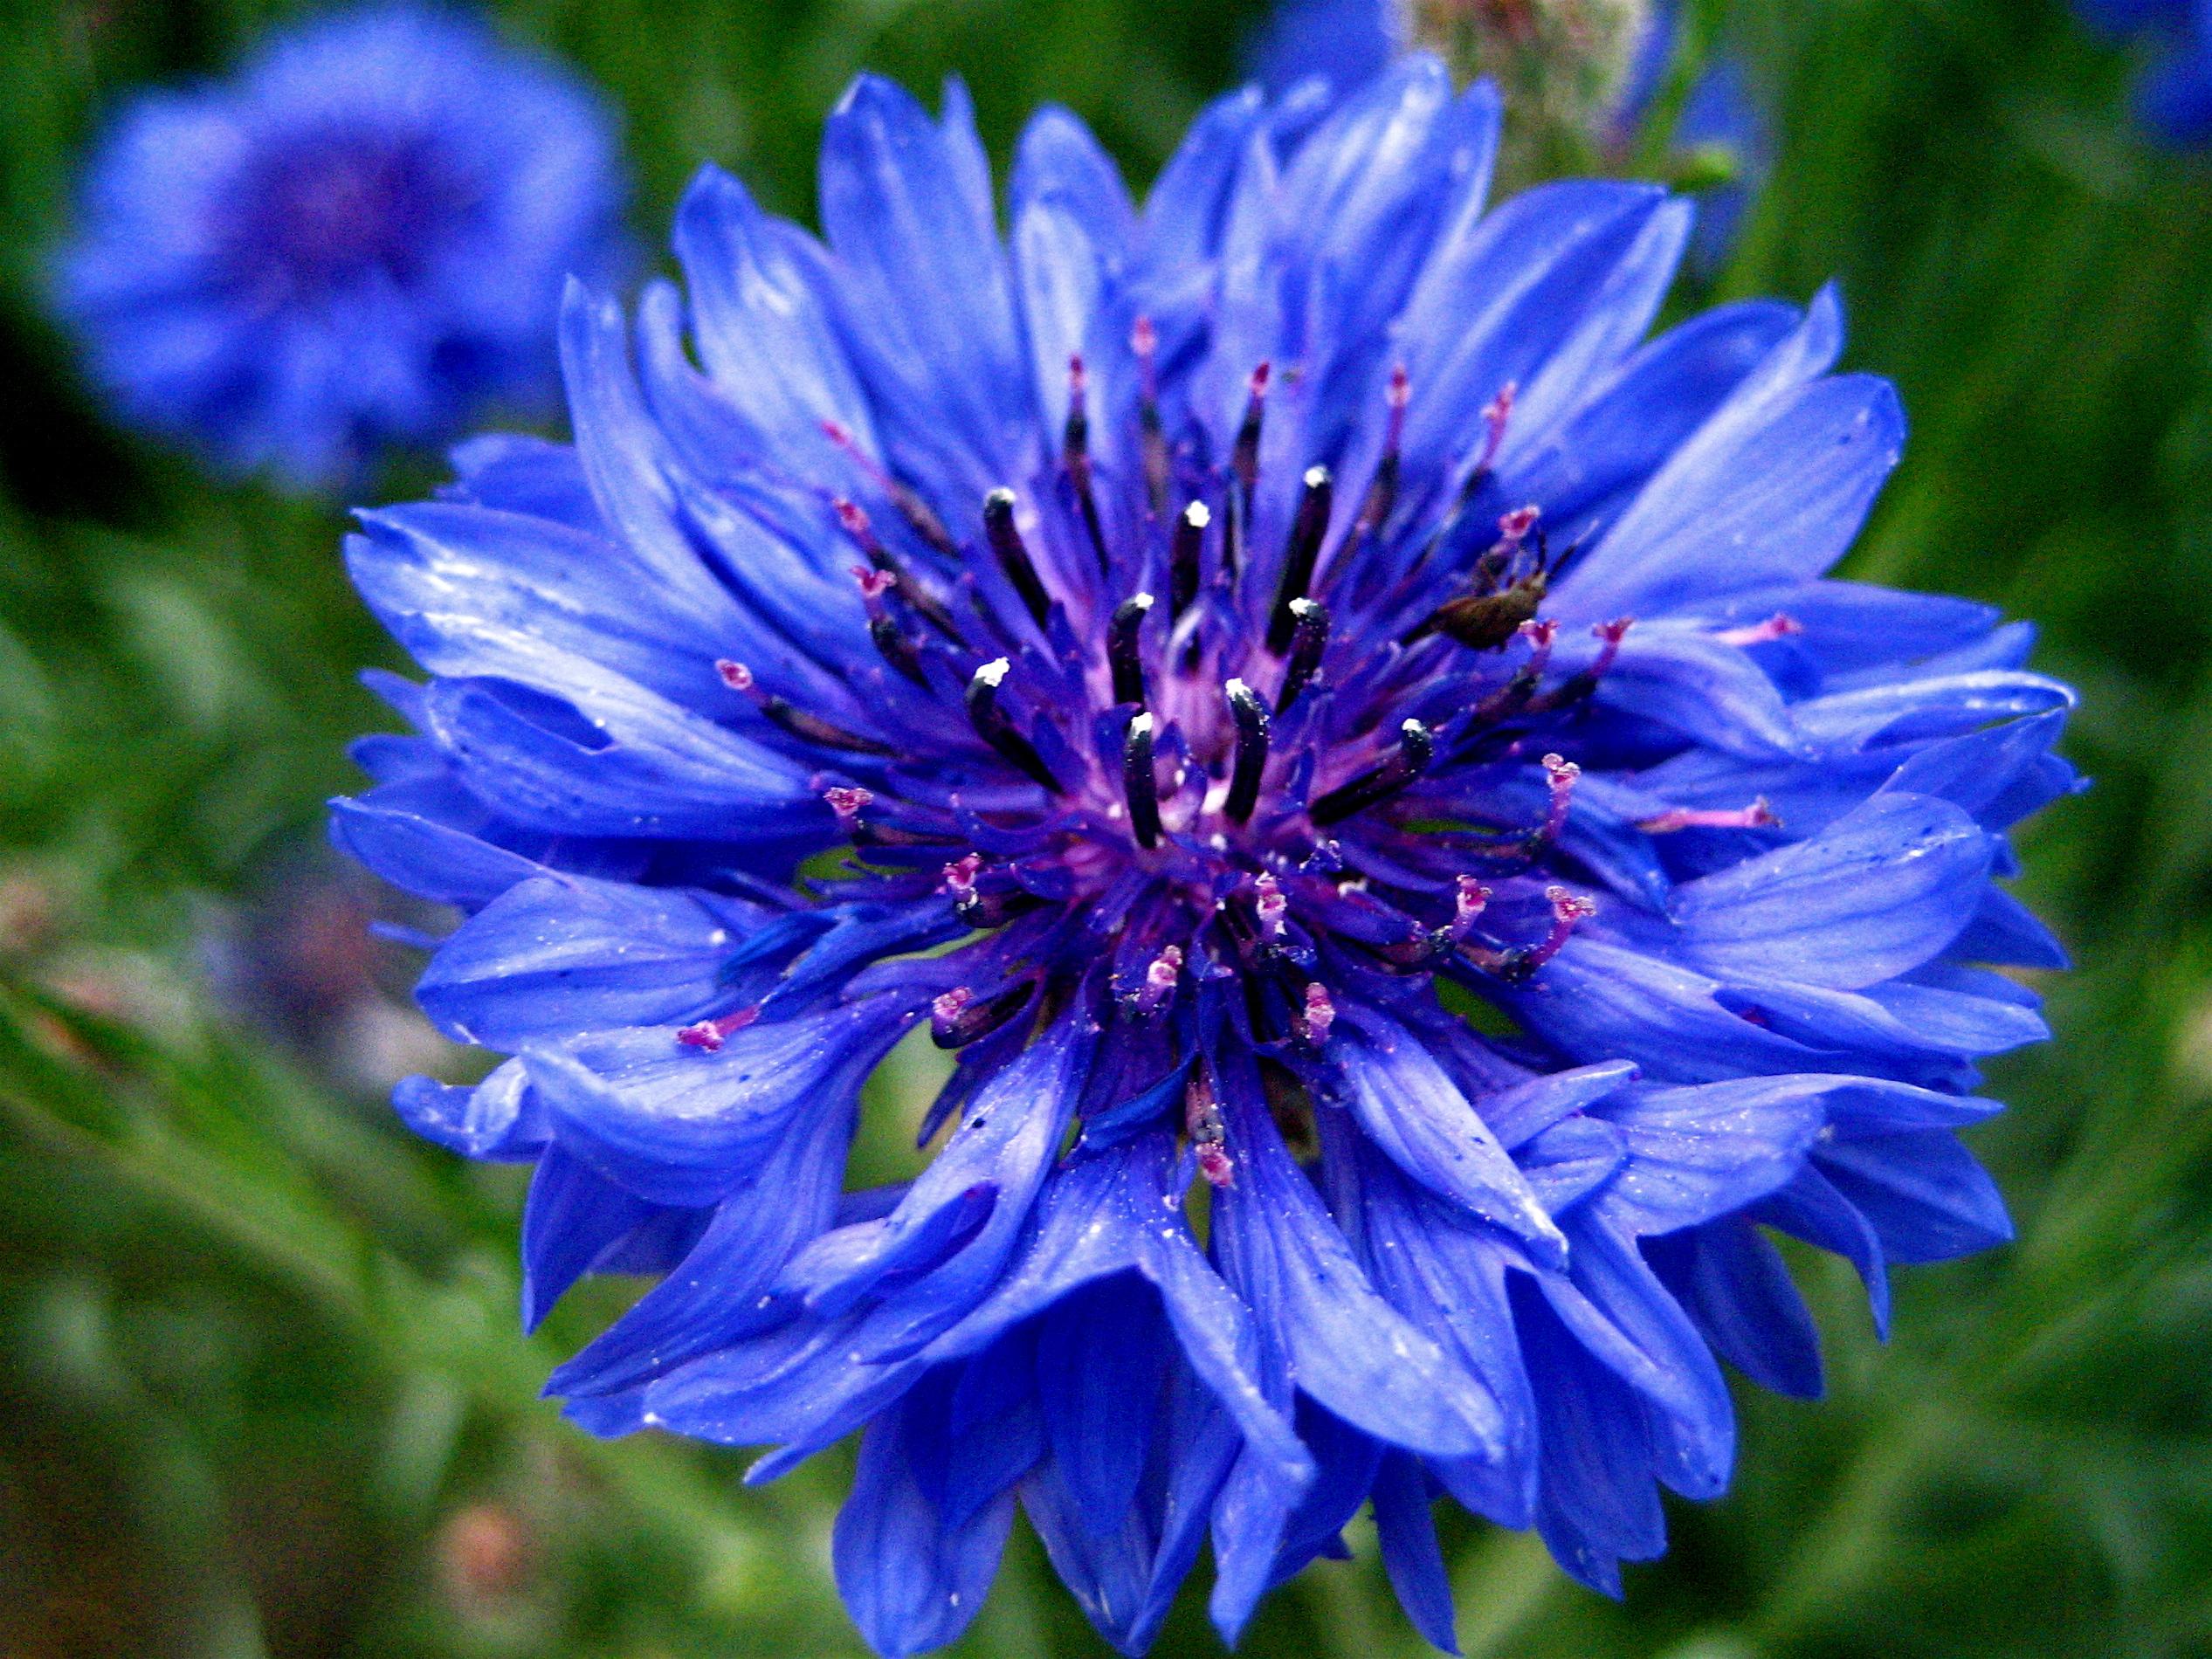 گل آبی رنگ زیبا